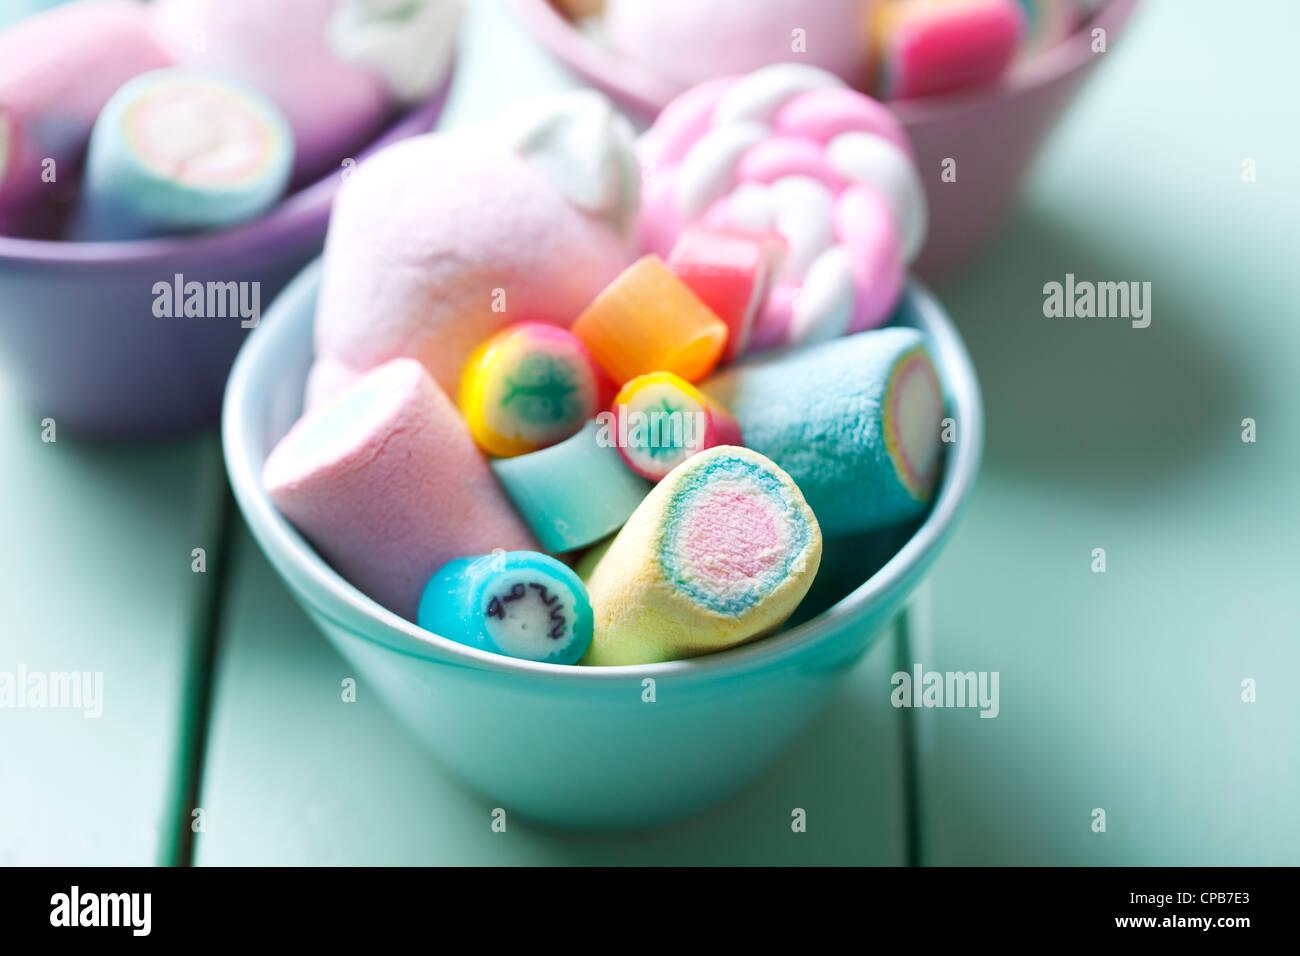 Recipiente lleno de colorido y marshmellows pastel rock candy Imagen De Stock